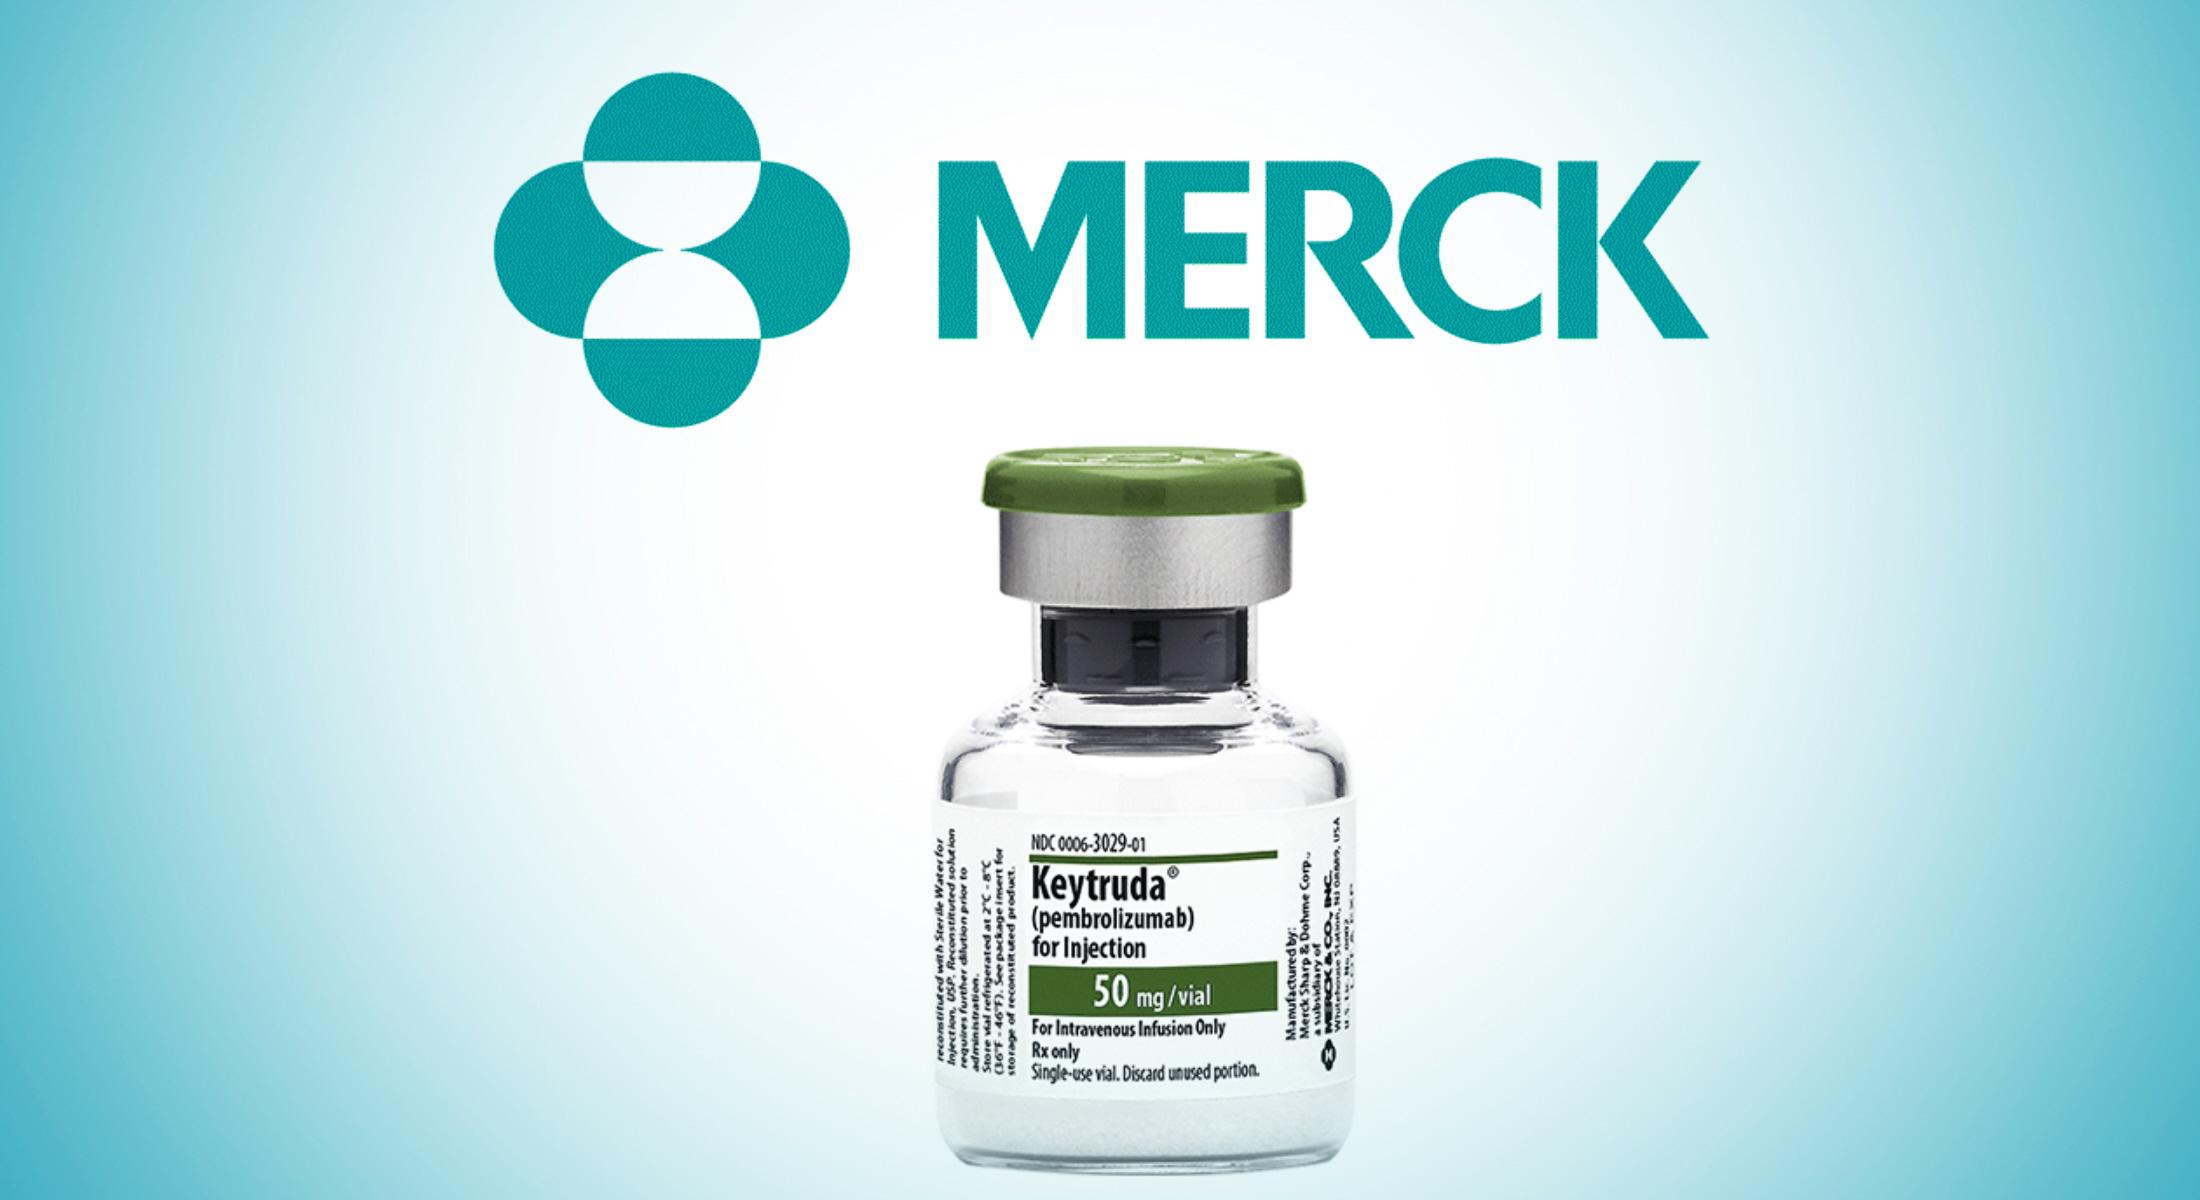 Κορυφαίες πωλήσεις για το Keytruda της Merck βλέπουν οι αναλυτές